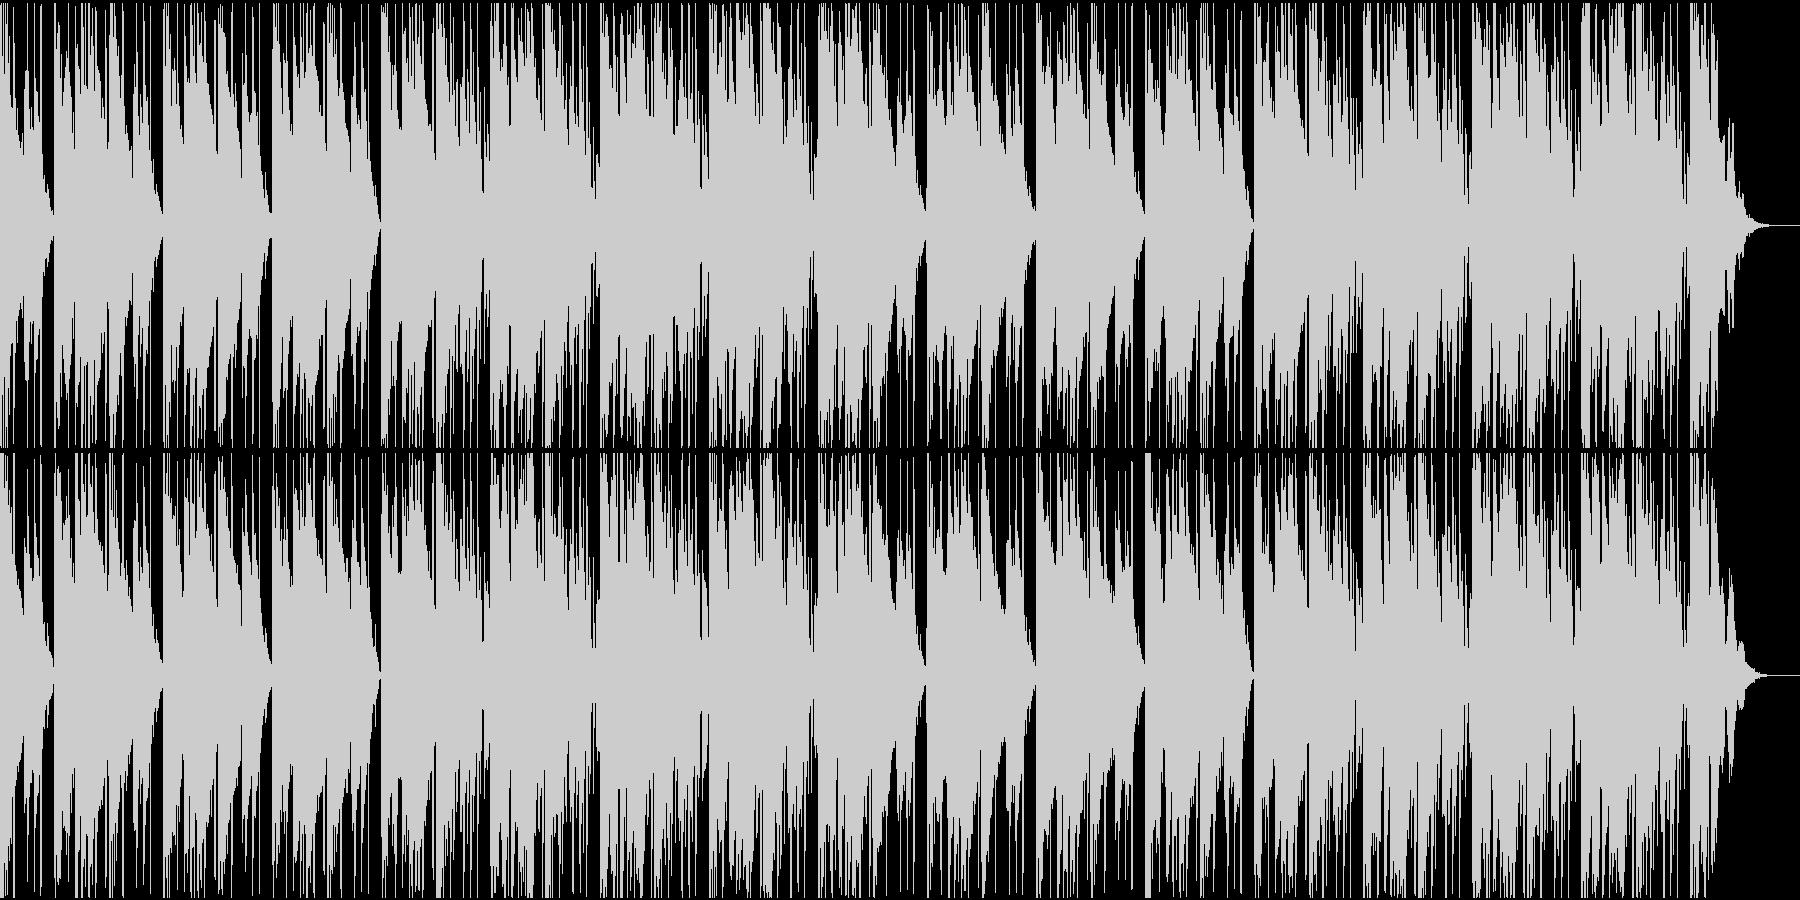 大人な雰囲気のR&B風BGMの未再生の波形